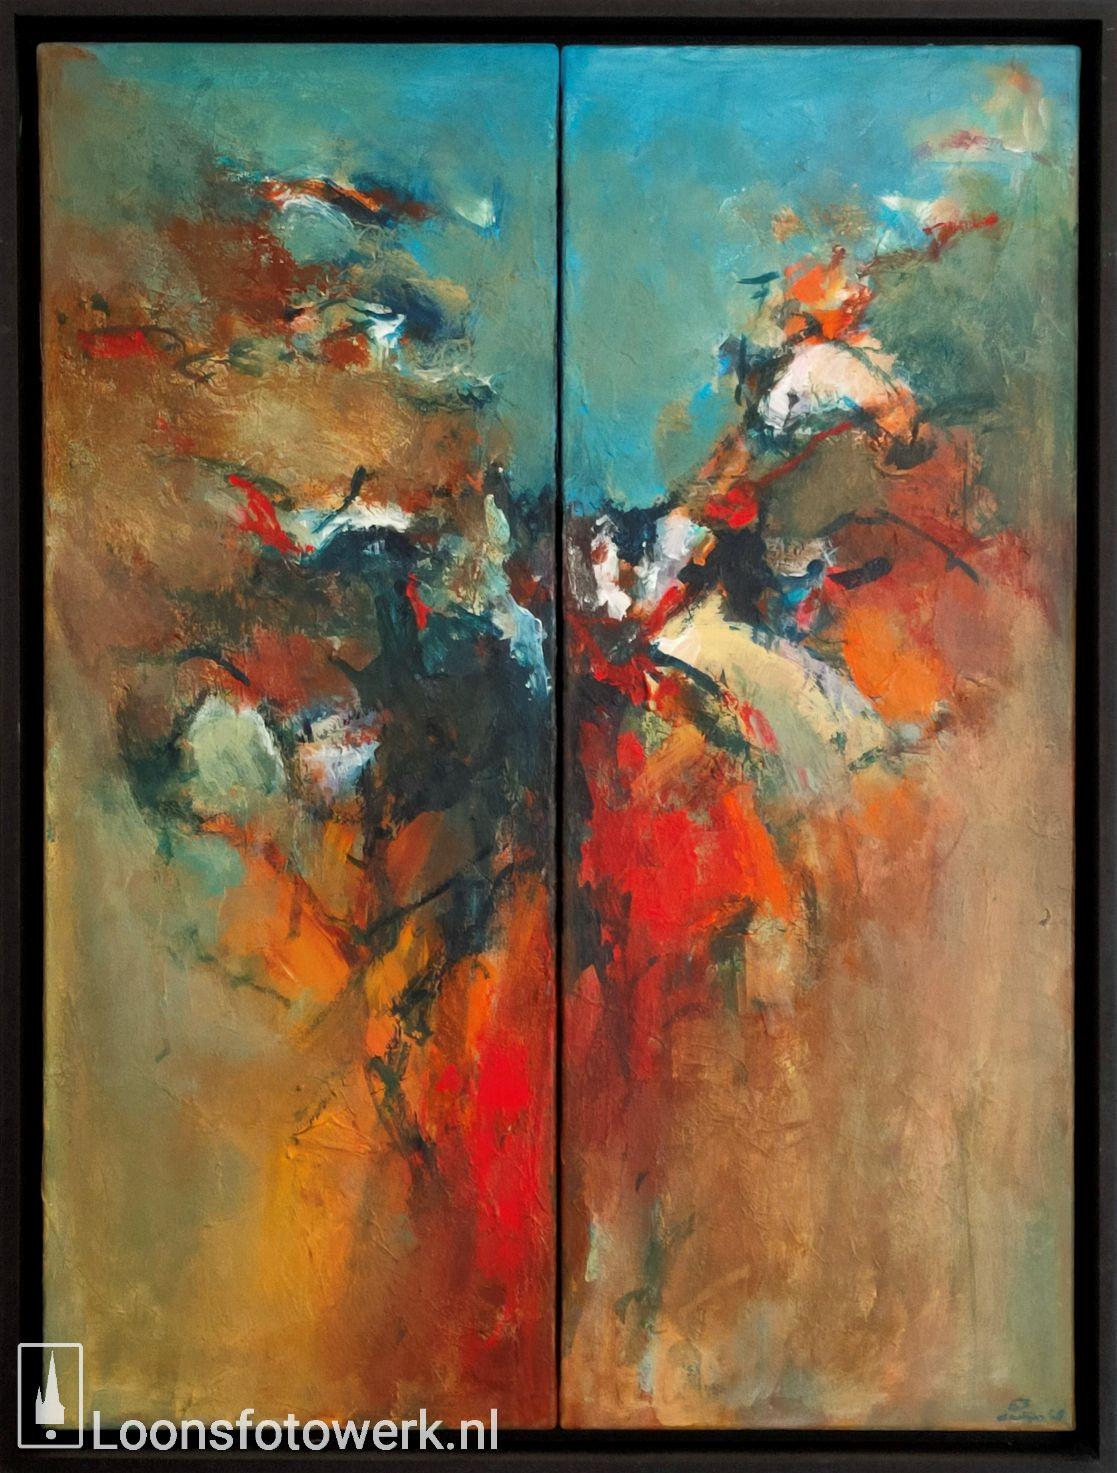 Els Smulders - Waijers, kunstenares in hart en nieren 21